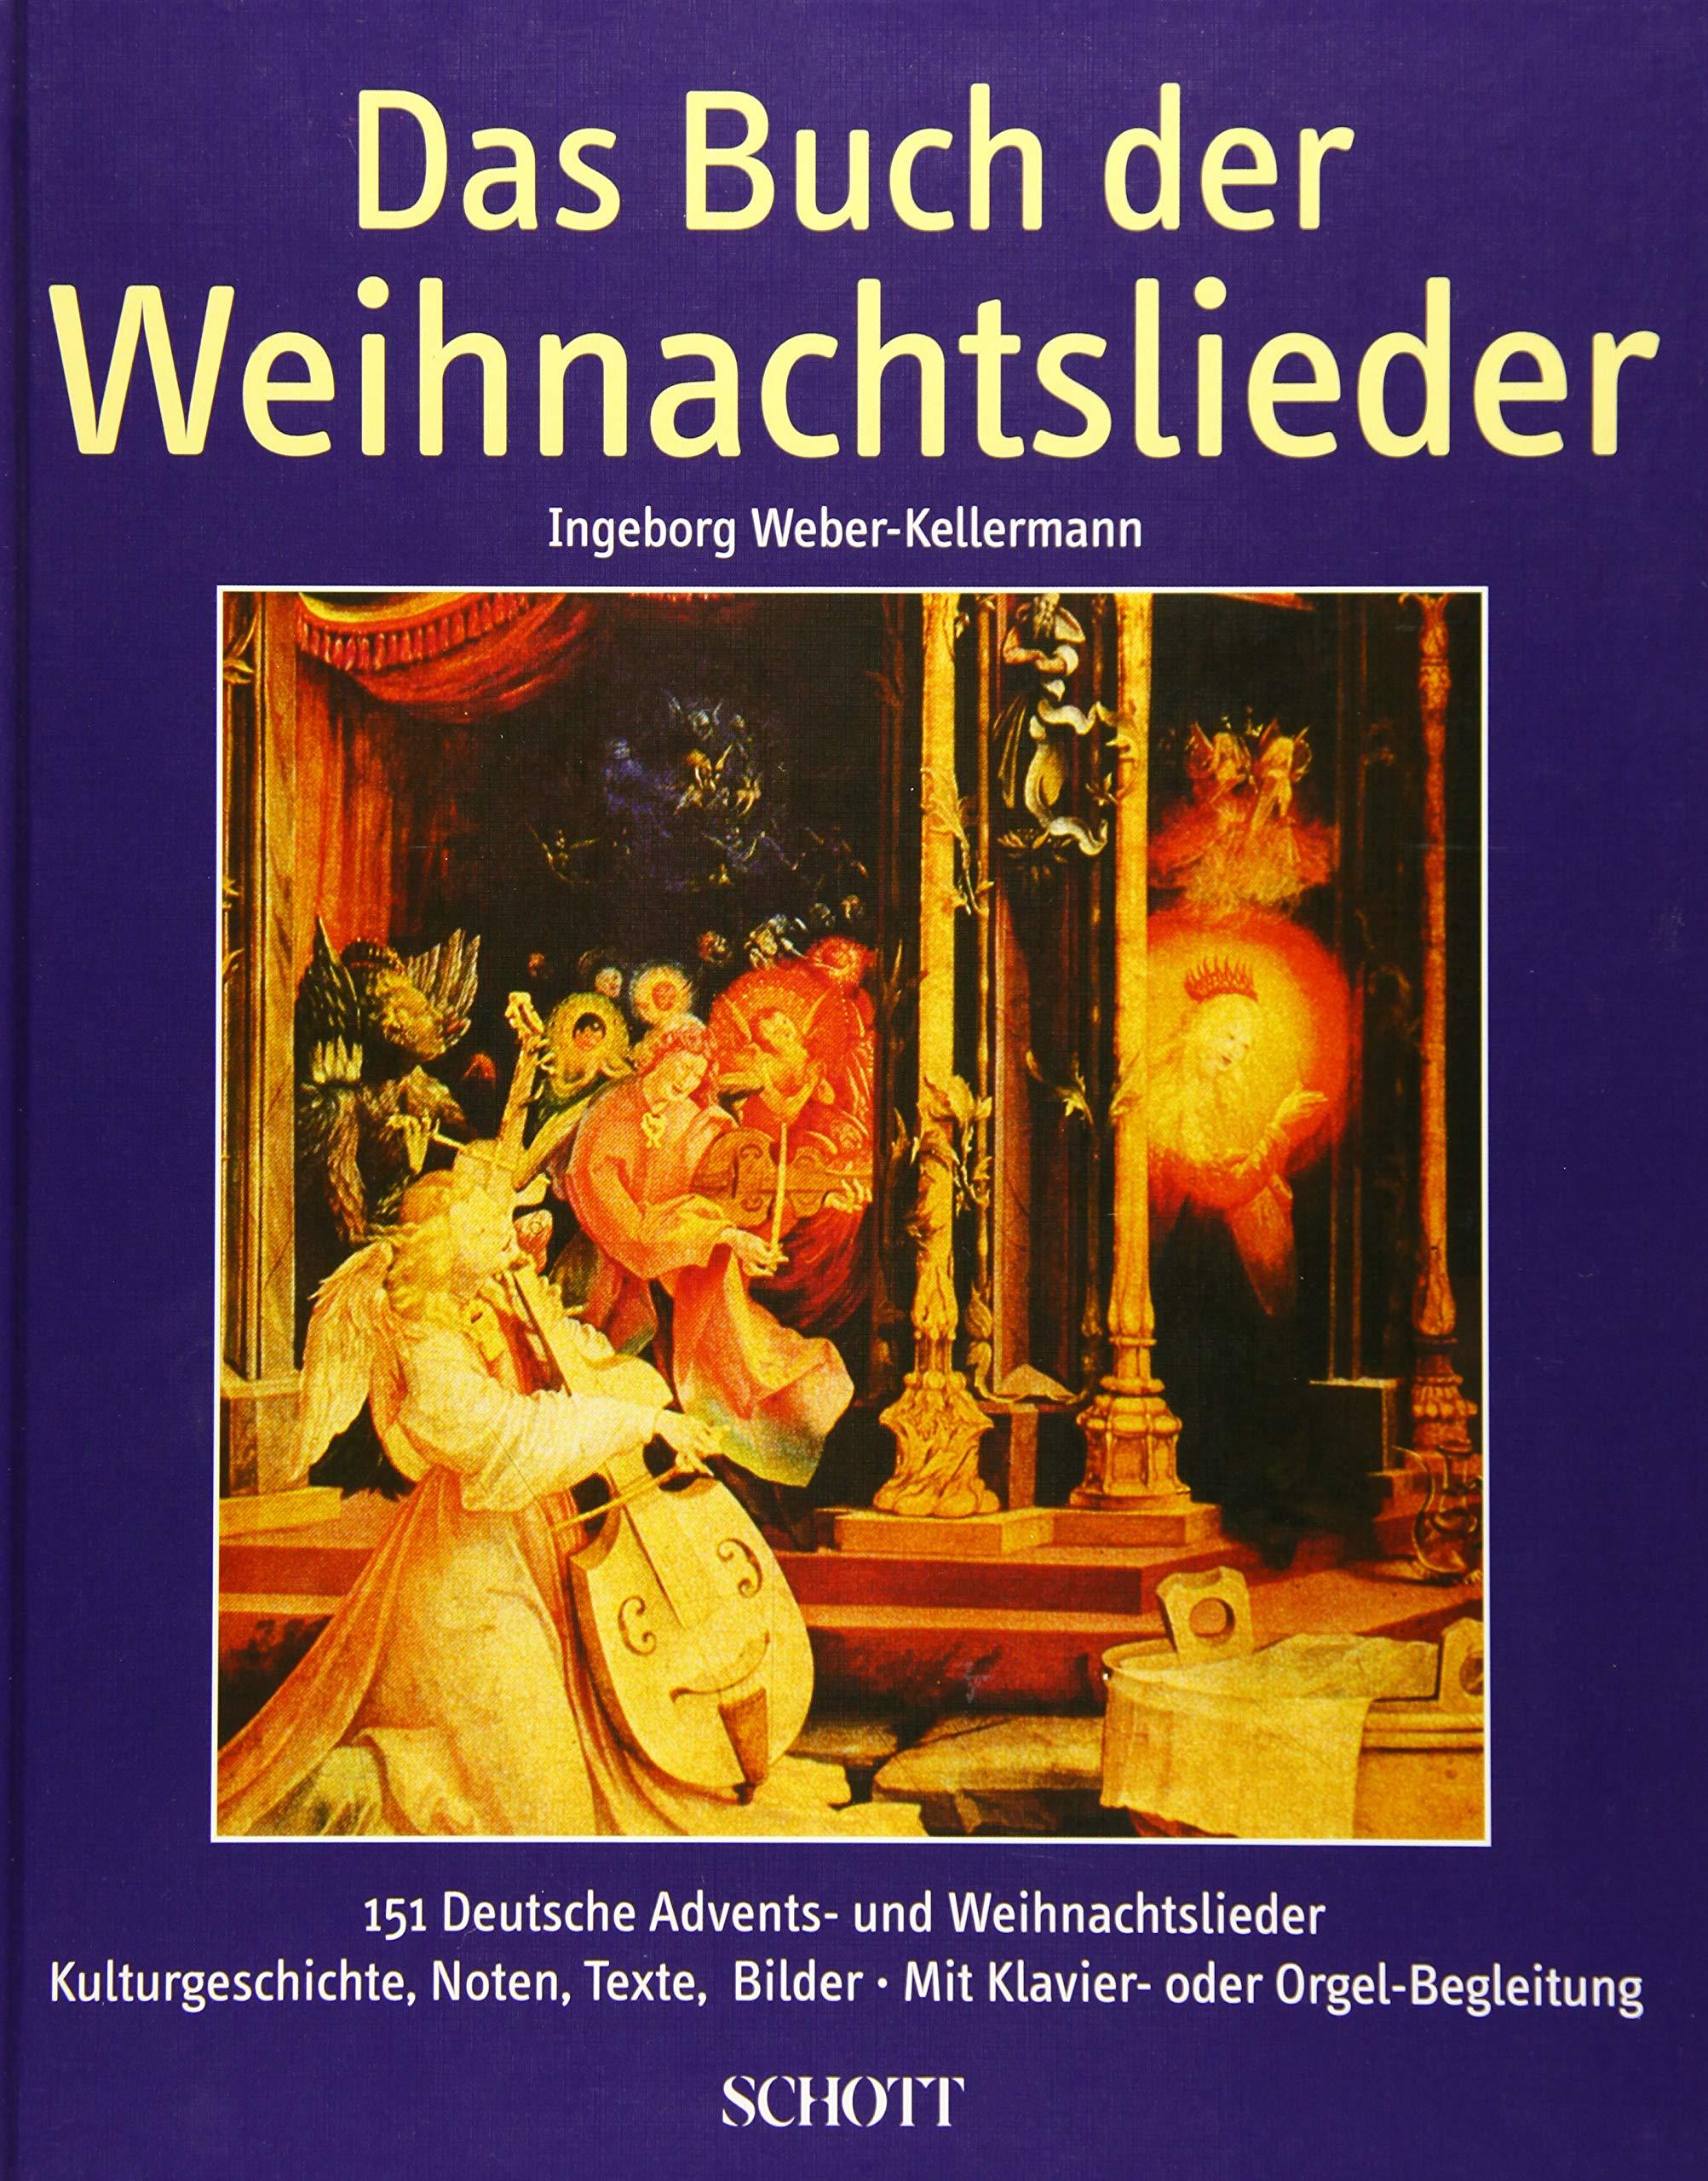 Deutsche Weihnachtslieder Kostenlos Hören.Das Buch Der Weihnachtslieder 151 Deutsche Advents Und